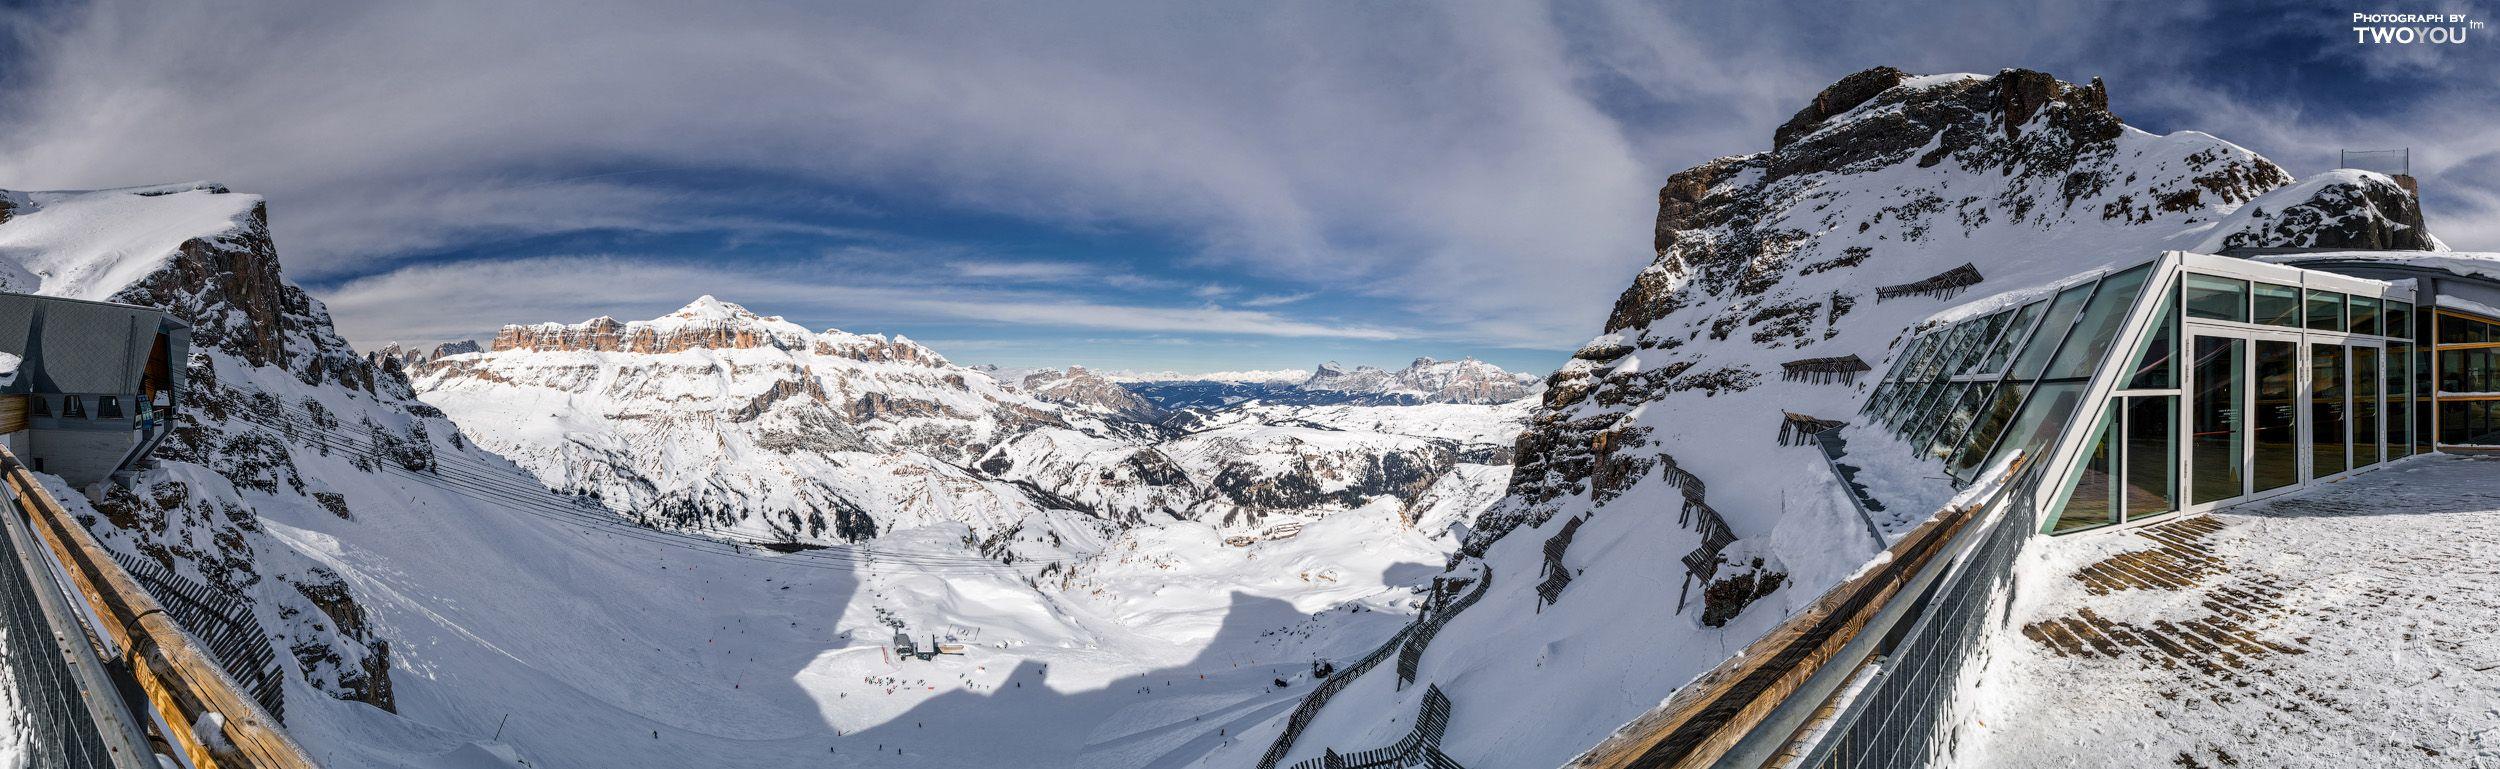 Панорама дня: Доломитовые Альпы, часть 10.